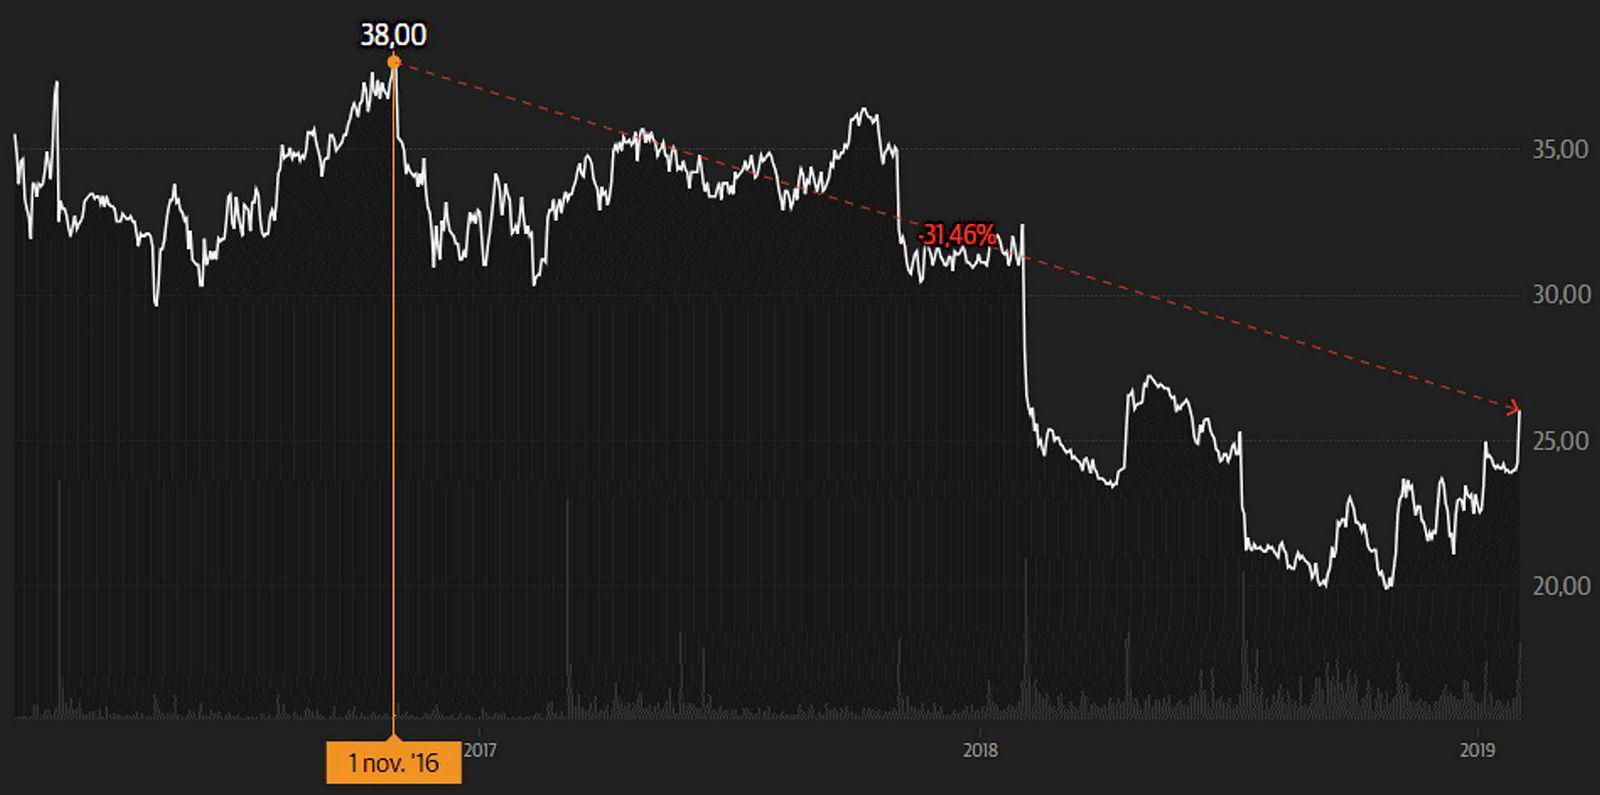 Europrisaksjen har fått hard medfart på børsen de siste par årene med en halvering i børsverdien. Siden september har det vært et positivt trendskifte for butikkjeden.